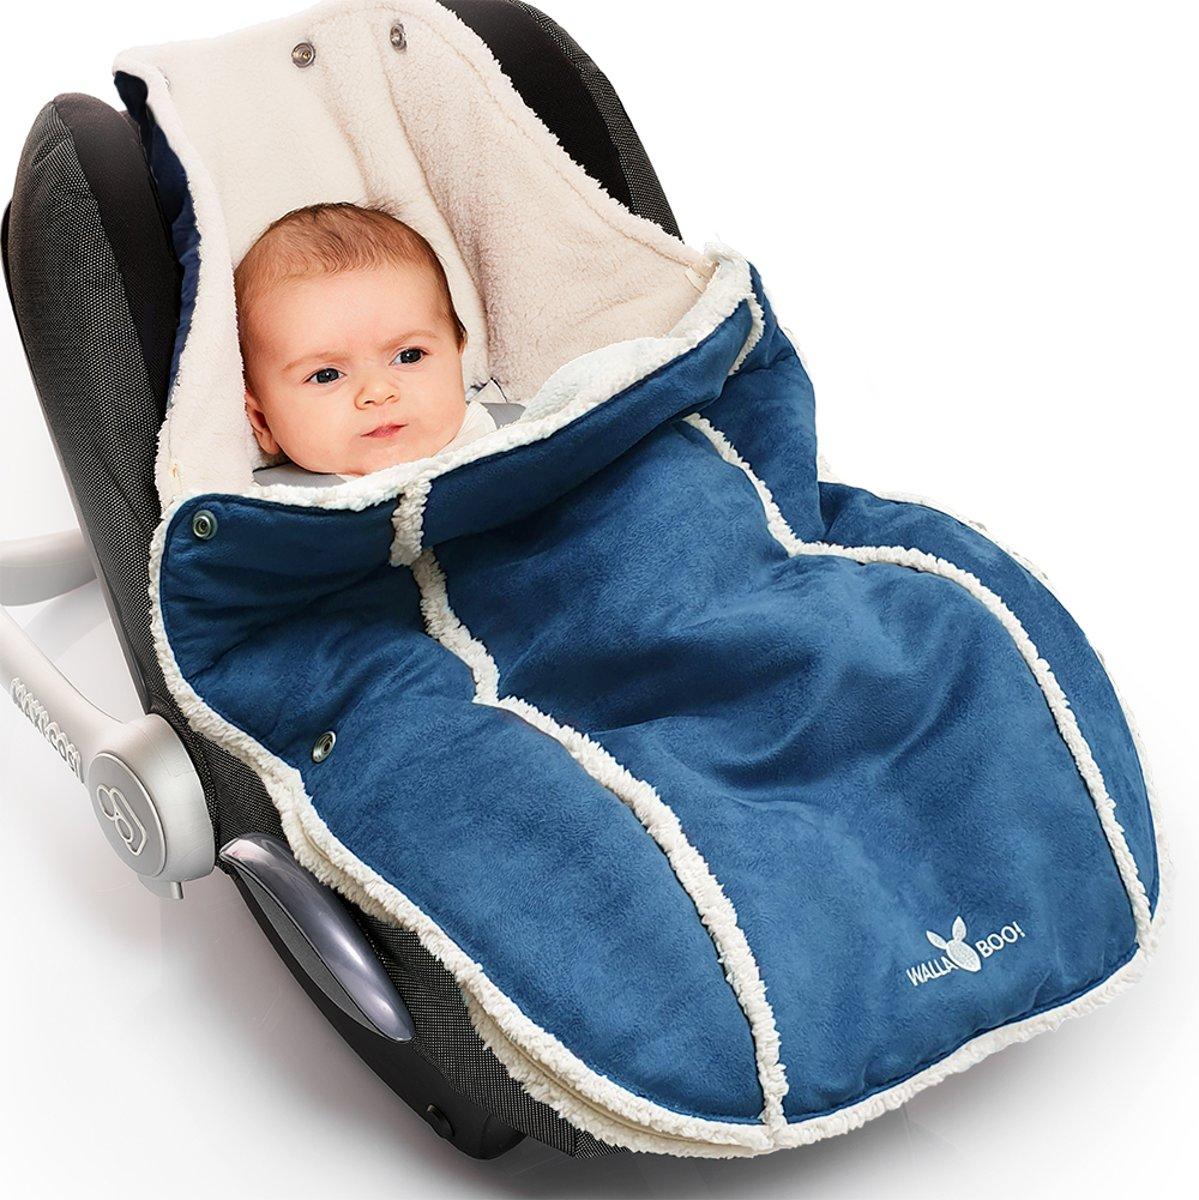 Wallaboo voetenzak - prachtig suède gevoerd met bont - geschikt voor 0 tot 12 maanden - past in elk autostoeltje groep 0 - Blauw kopen